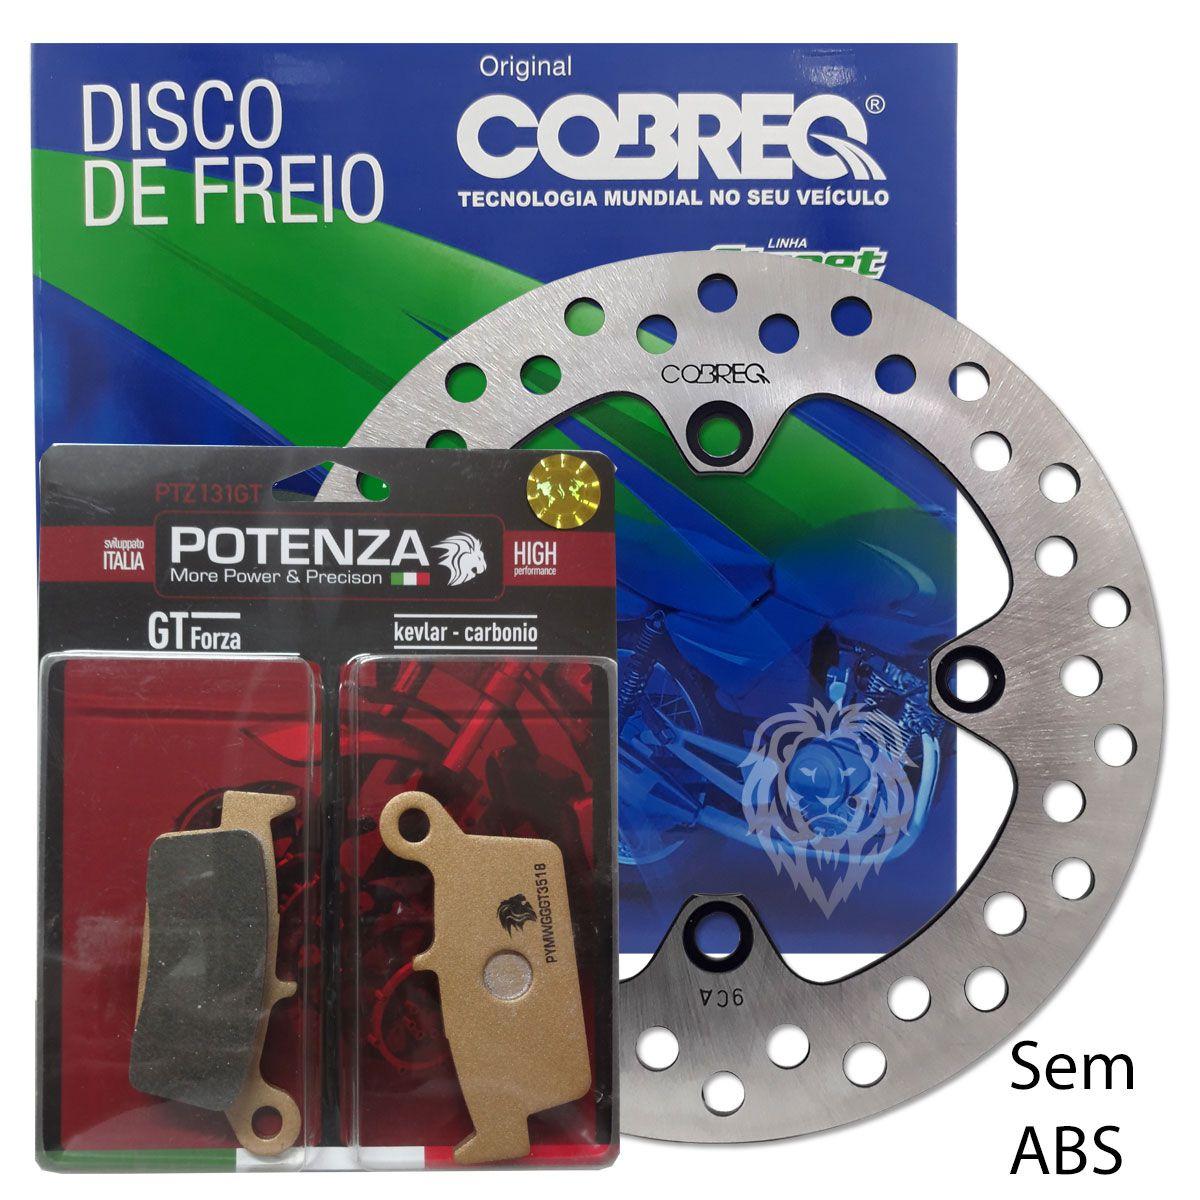 Kit Disco Freio Traseiro Xre 300 Cobreq + Pastilha Potenza Traseira sem ABS